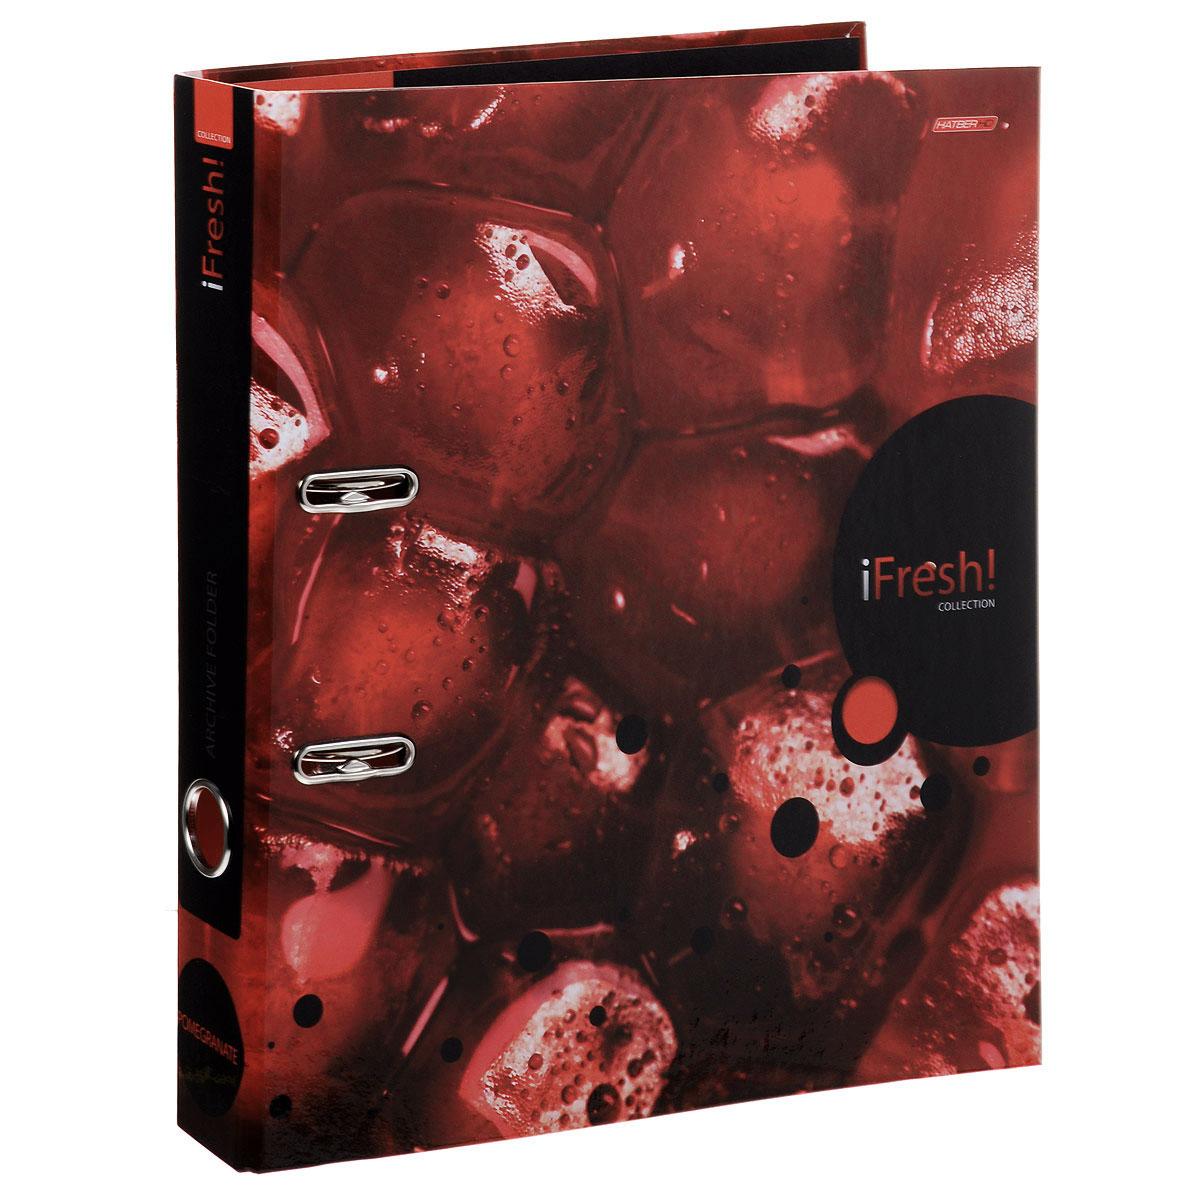 Папка-регистратор Hatber iFresh!: Гранат, цвет: бордовый папка регистратор hatber red on black ширина корешка 70 мм цвет черный красный